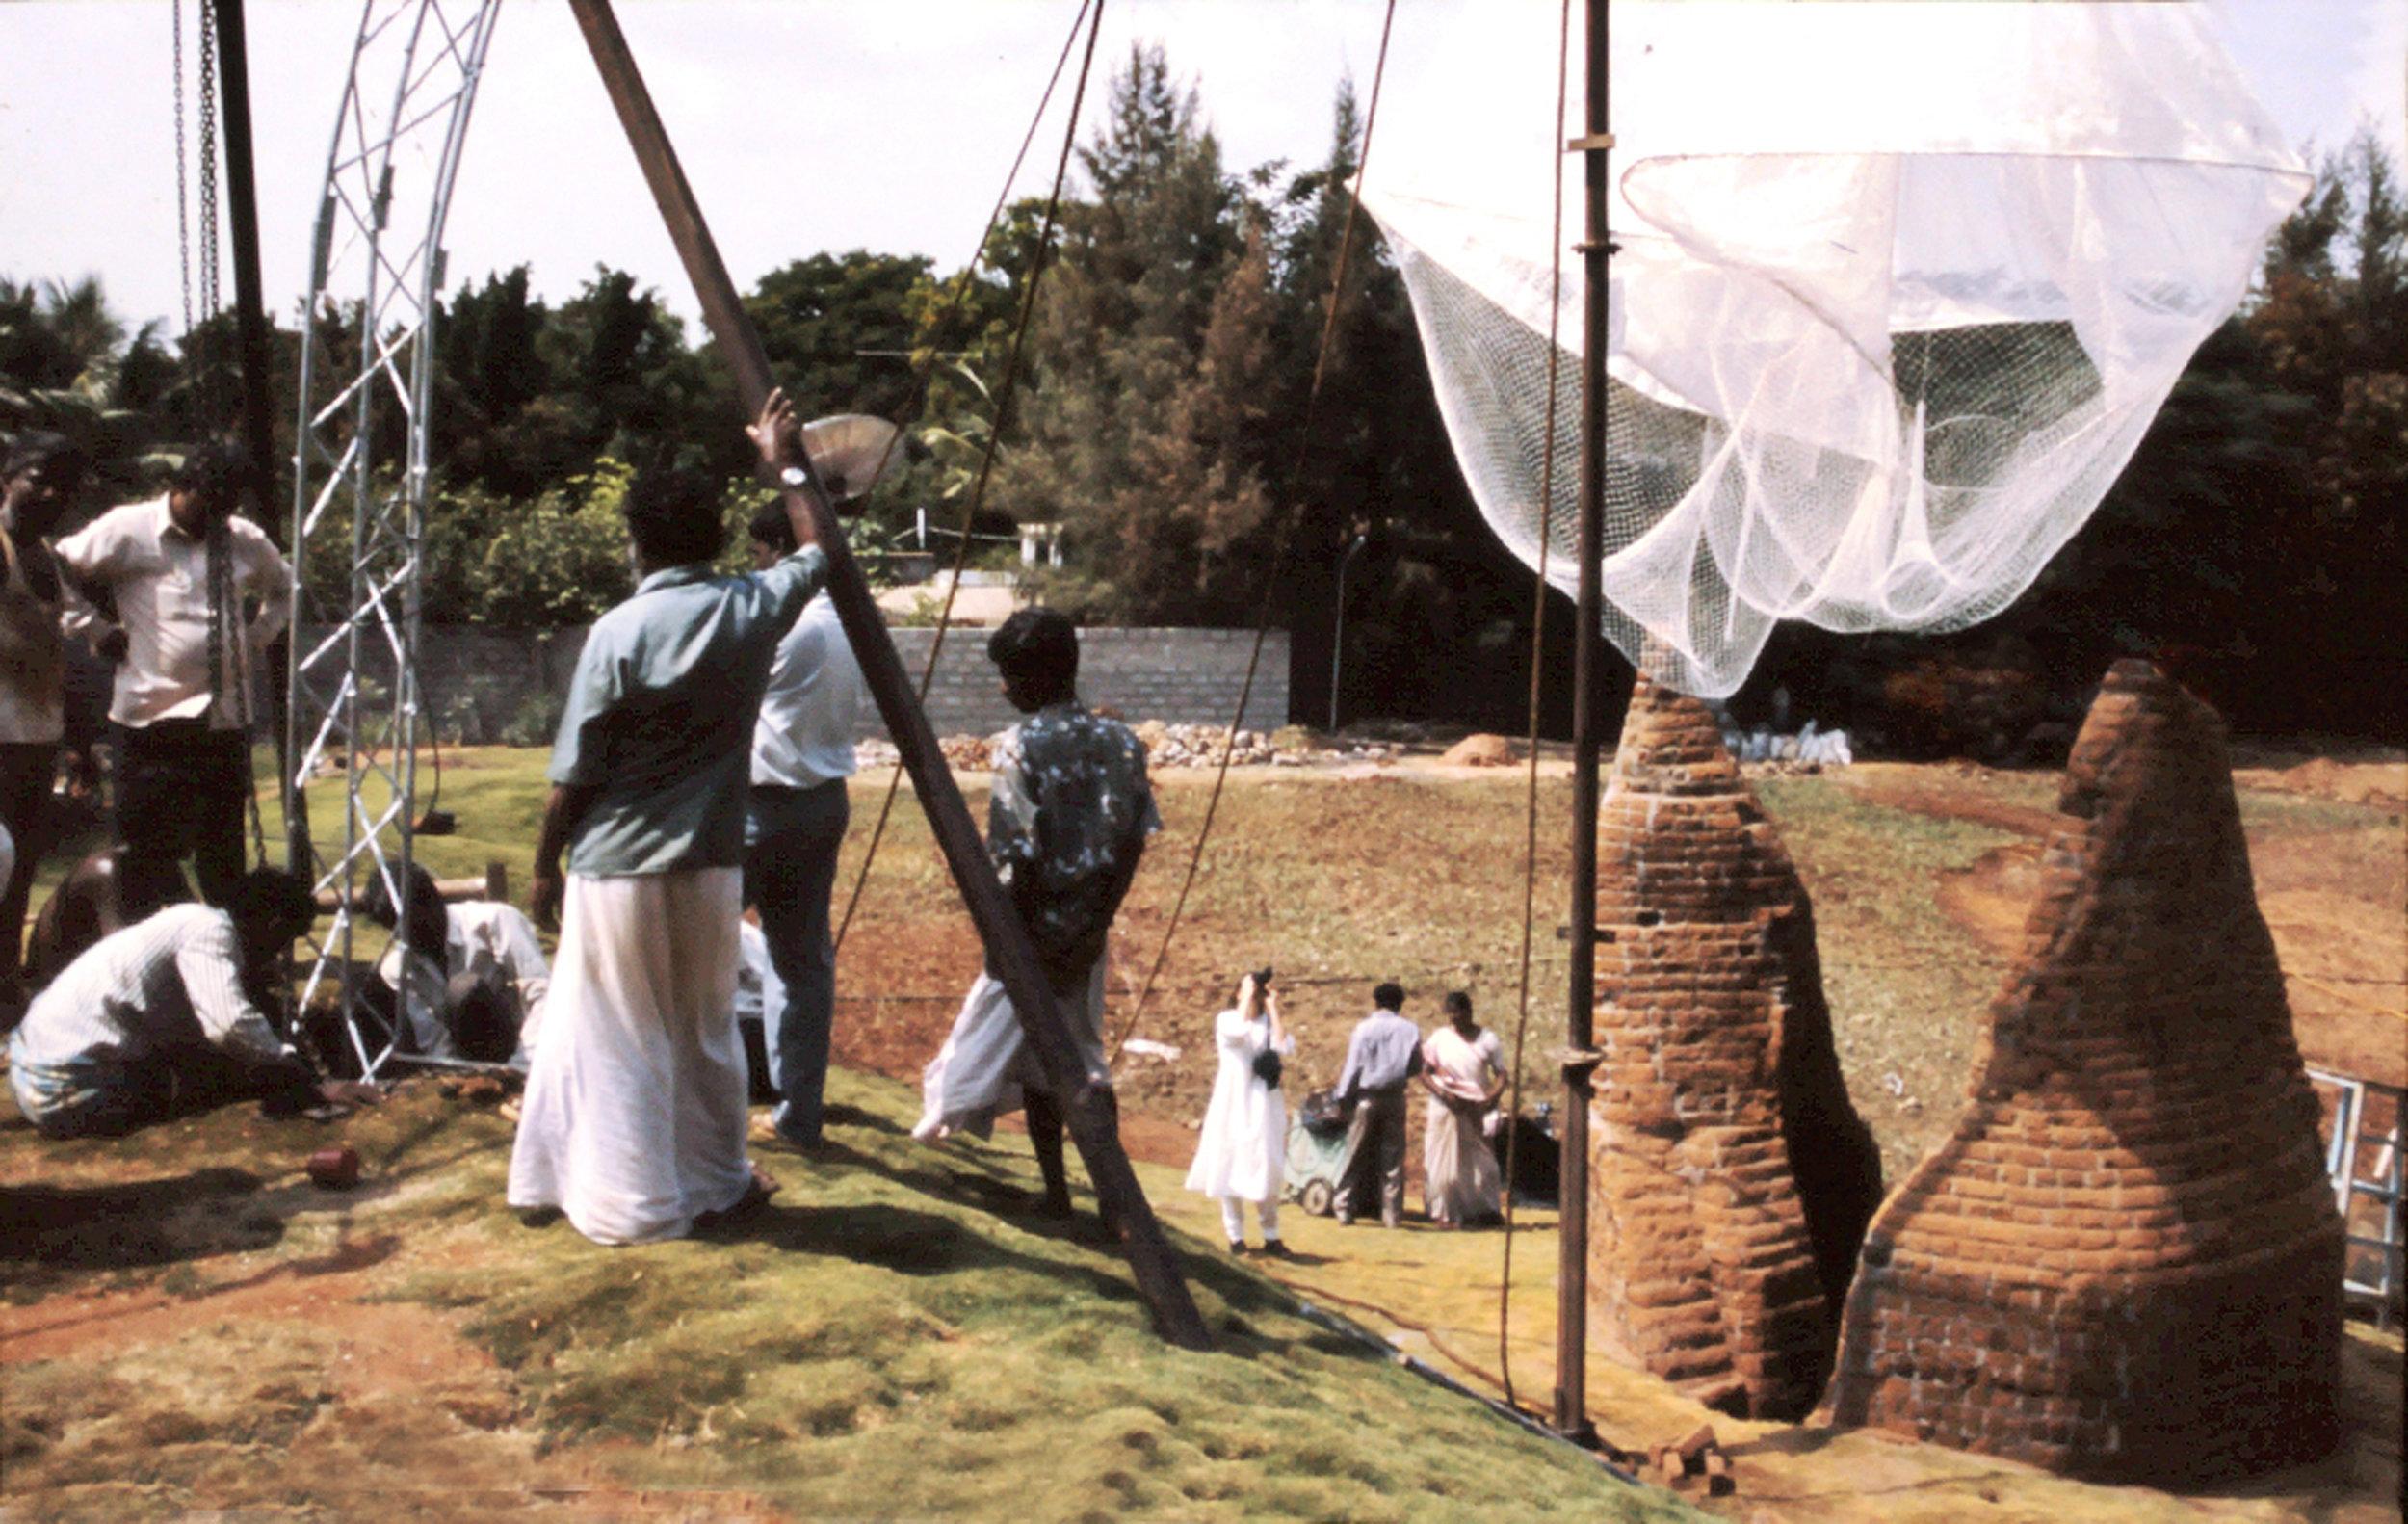 1441_1998_India_Garden of Earthly Delights, EDIT_0592.jpg